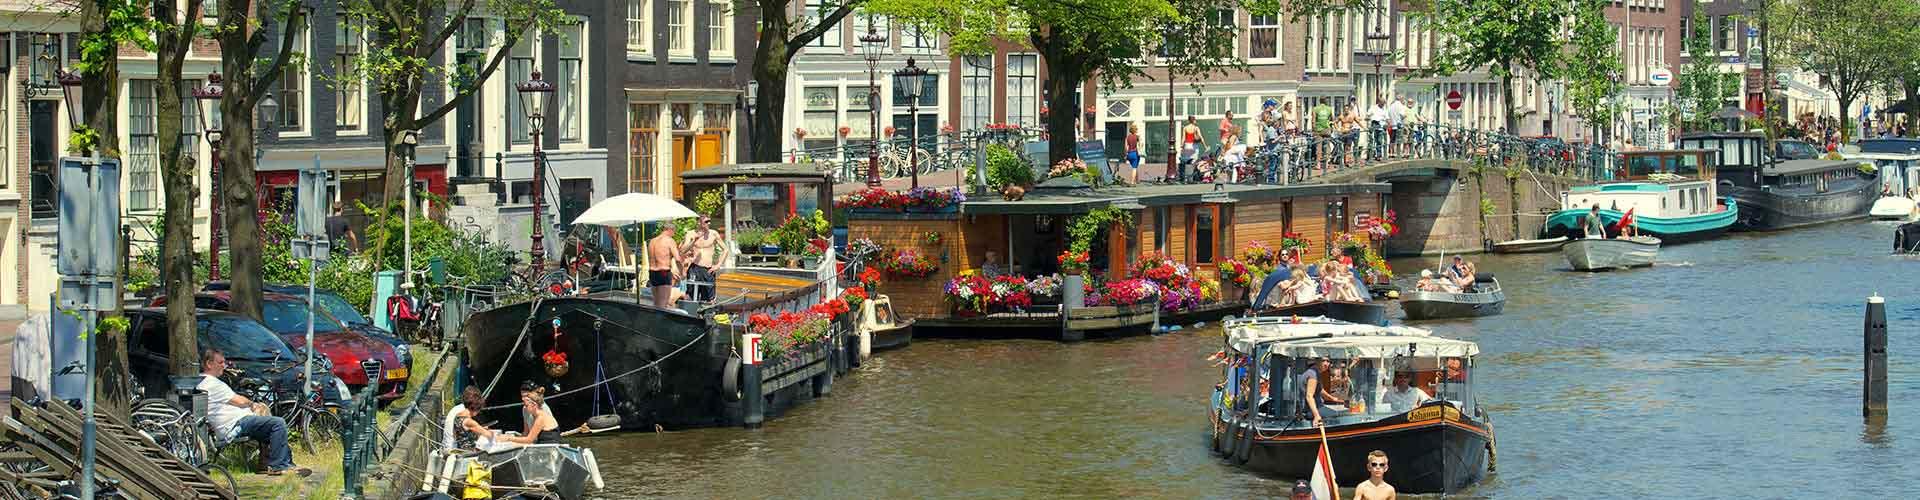 Amsterdam - Chambres pas chères dans le quartier de Amsterdam Centrum. Cartes pour Amsterdam, photos et commentaires pour chaque chambre à Amsterdam.